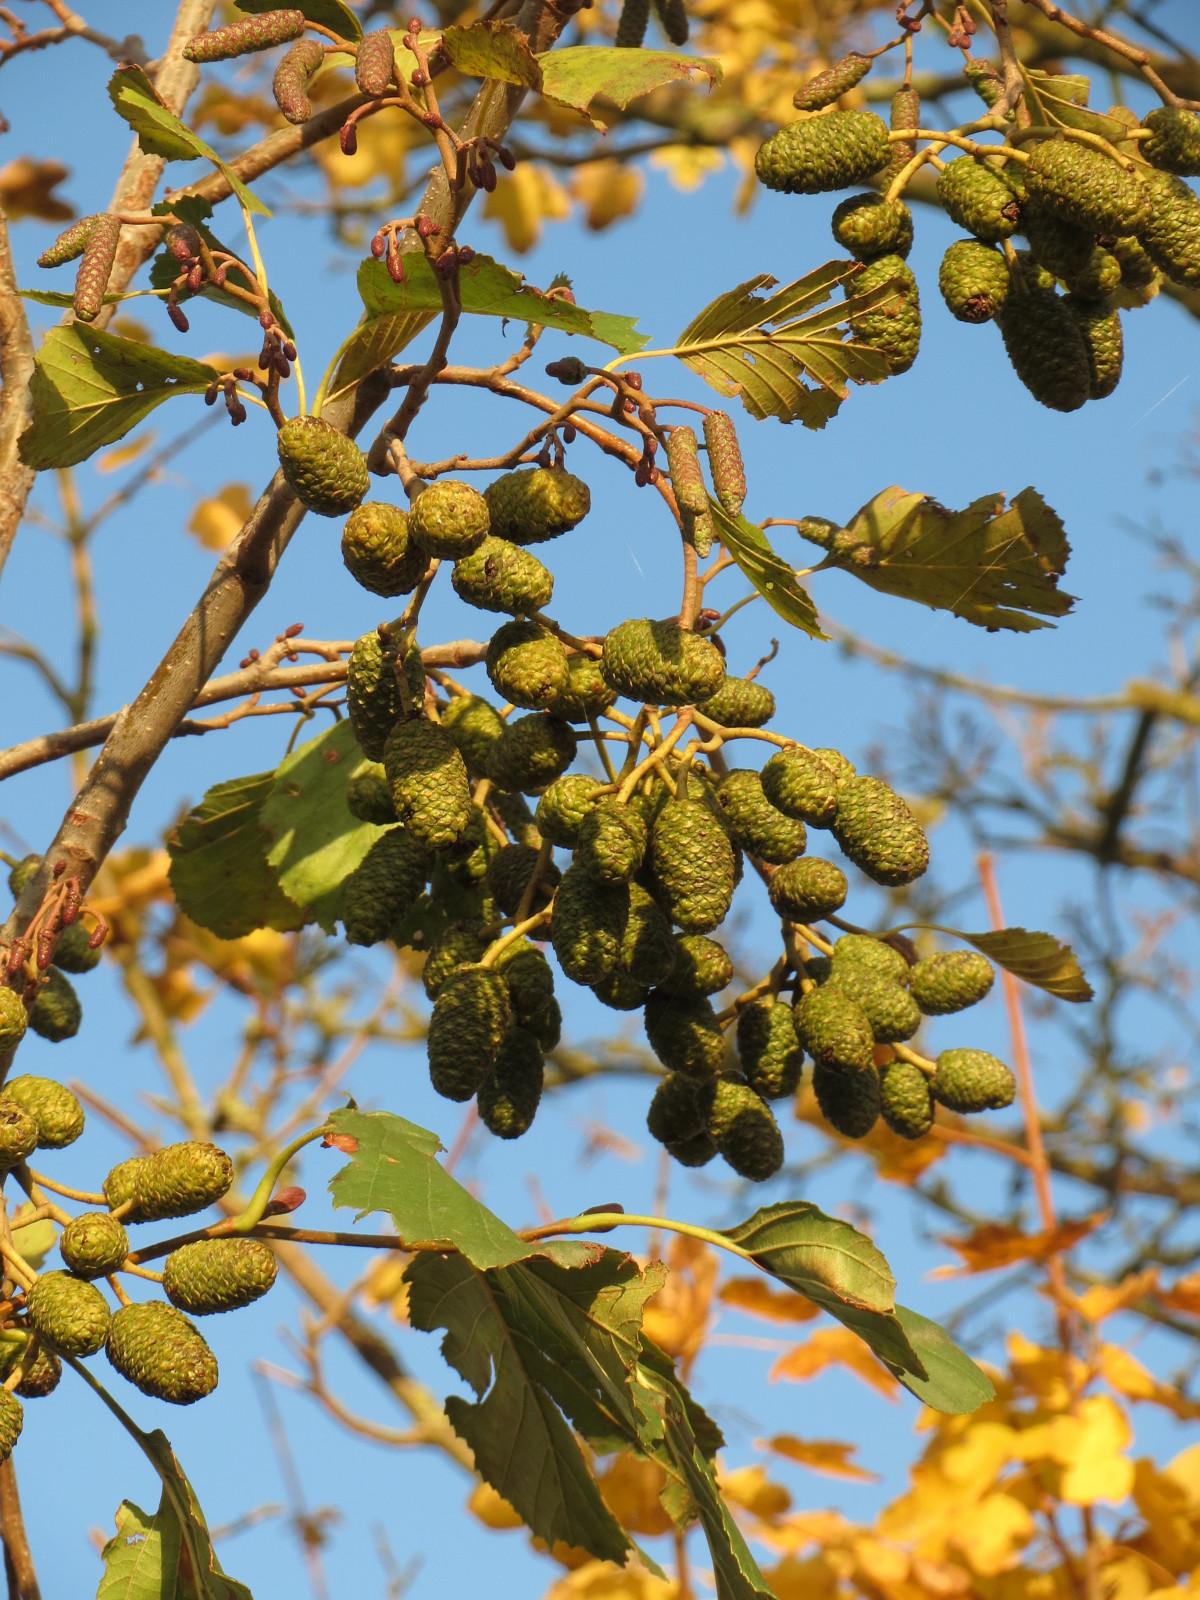 images gratuites arbre branche feuille fleur aliments printemps produire l 39 automne. Black Bedroom Furniture Sets. Home Design Ideas